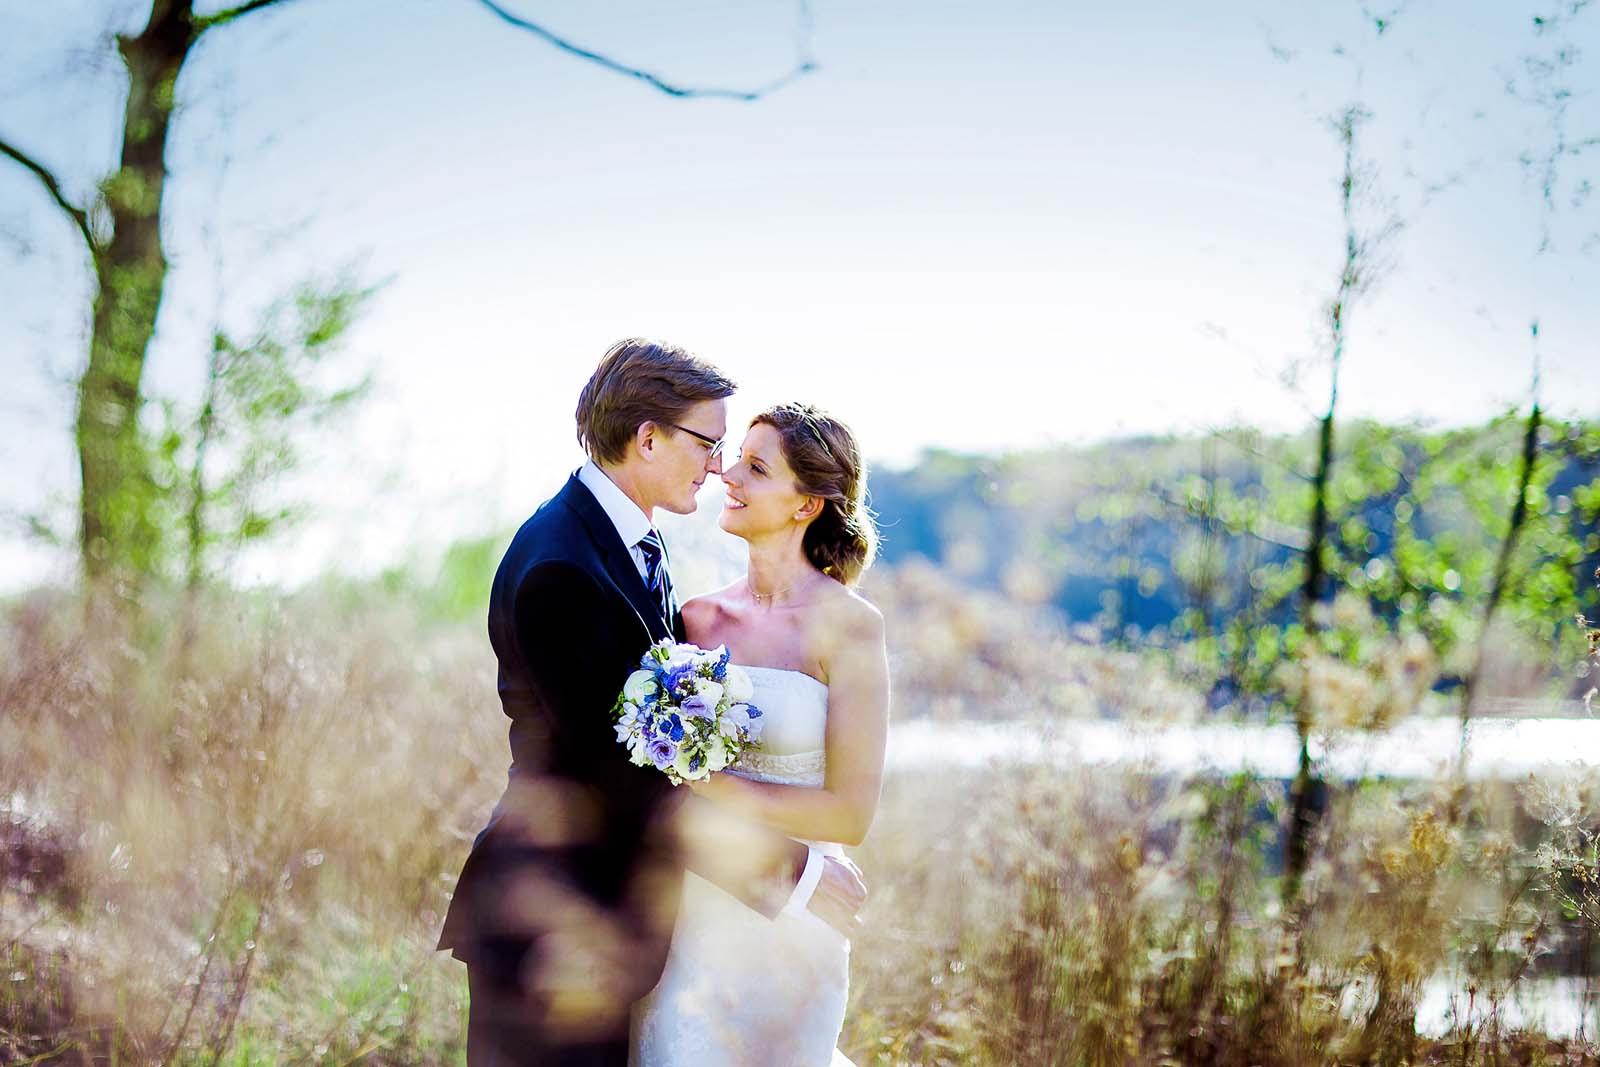 Hochzeitsfotograf mit Brautpaar beim Fotoshooting im Landgut Stober Copyright by Hochzeitsfotograf www.berliner-hochzeitsfotografie.de